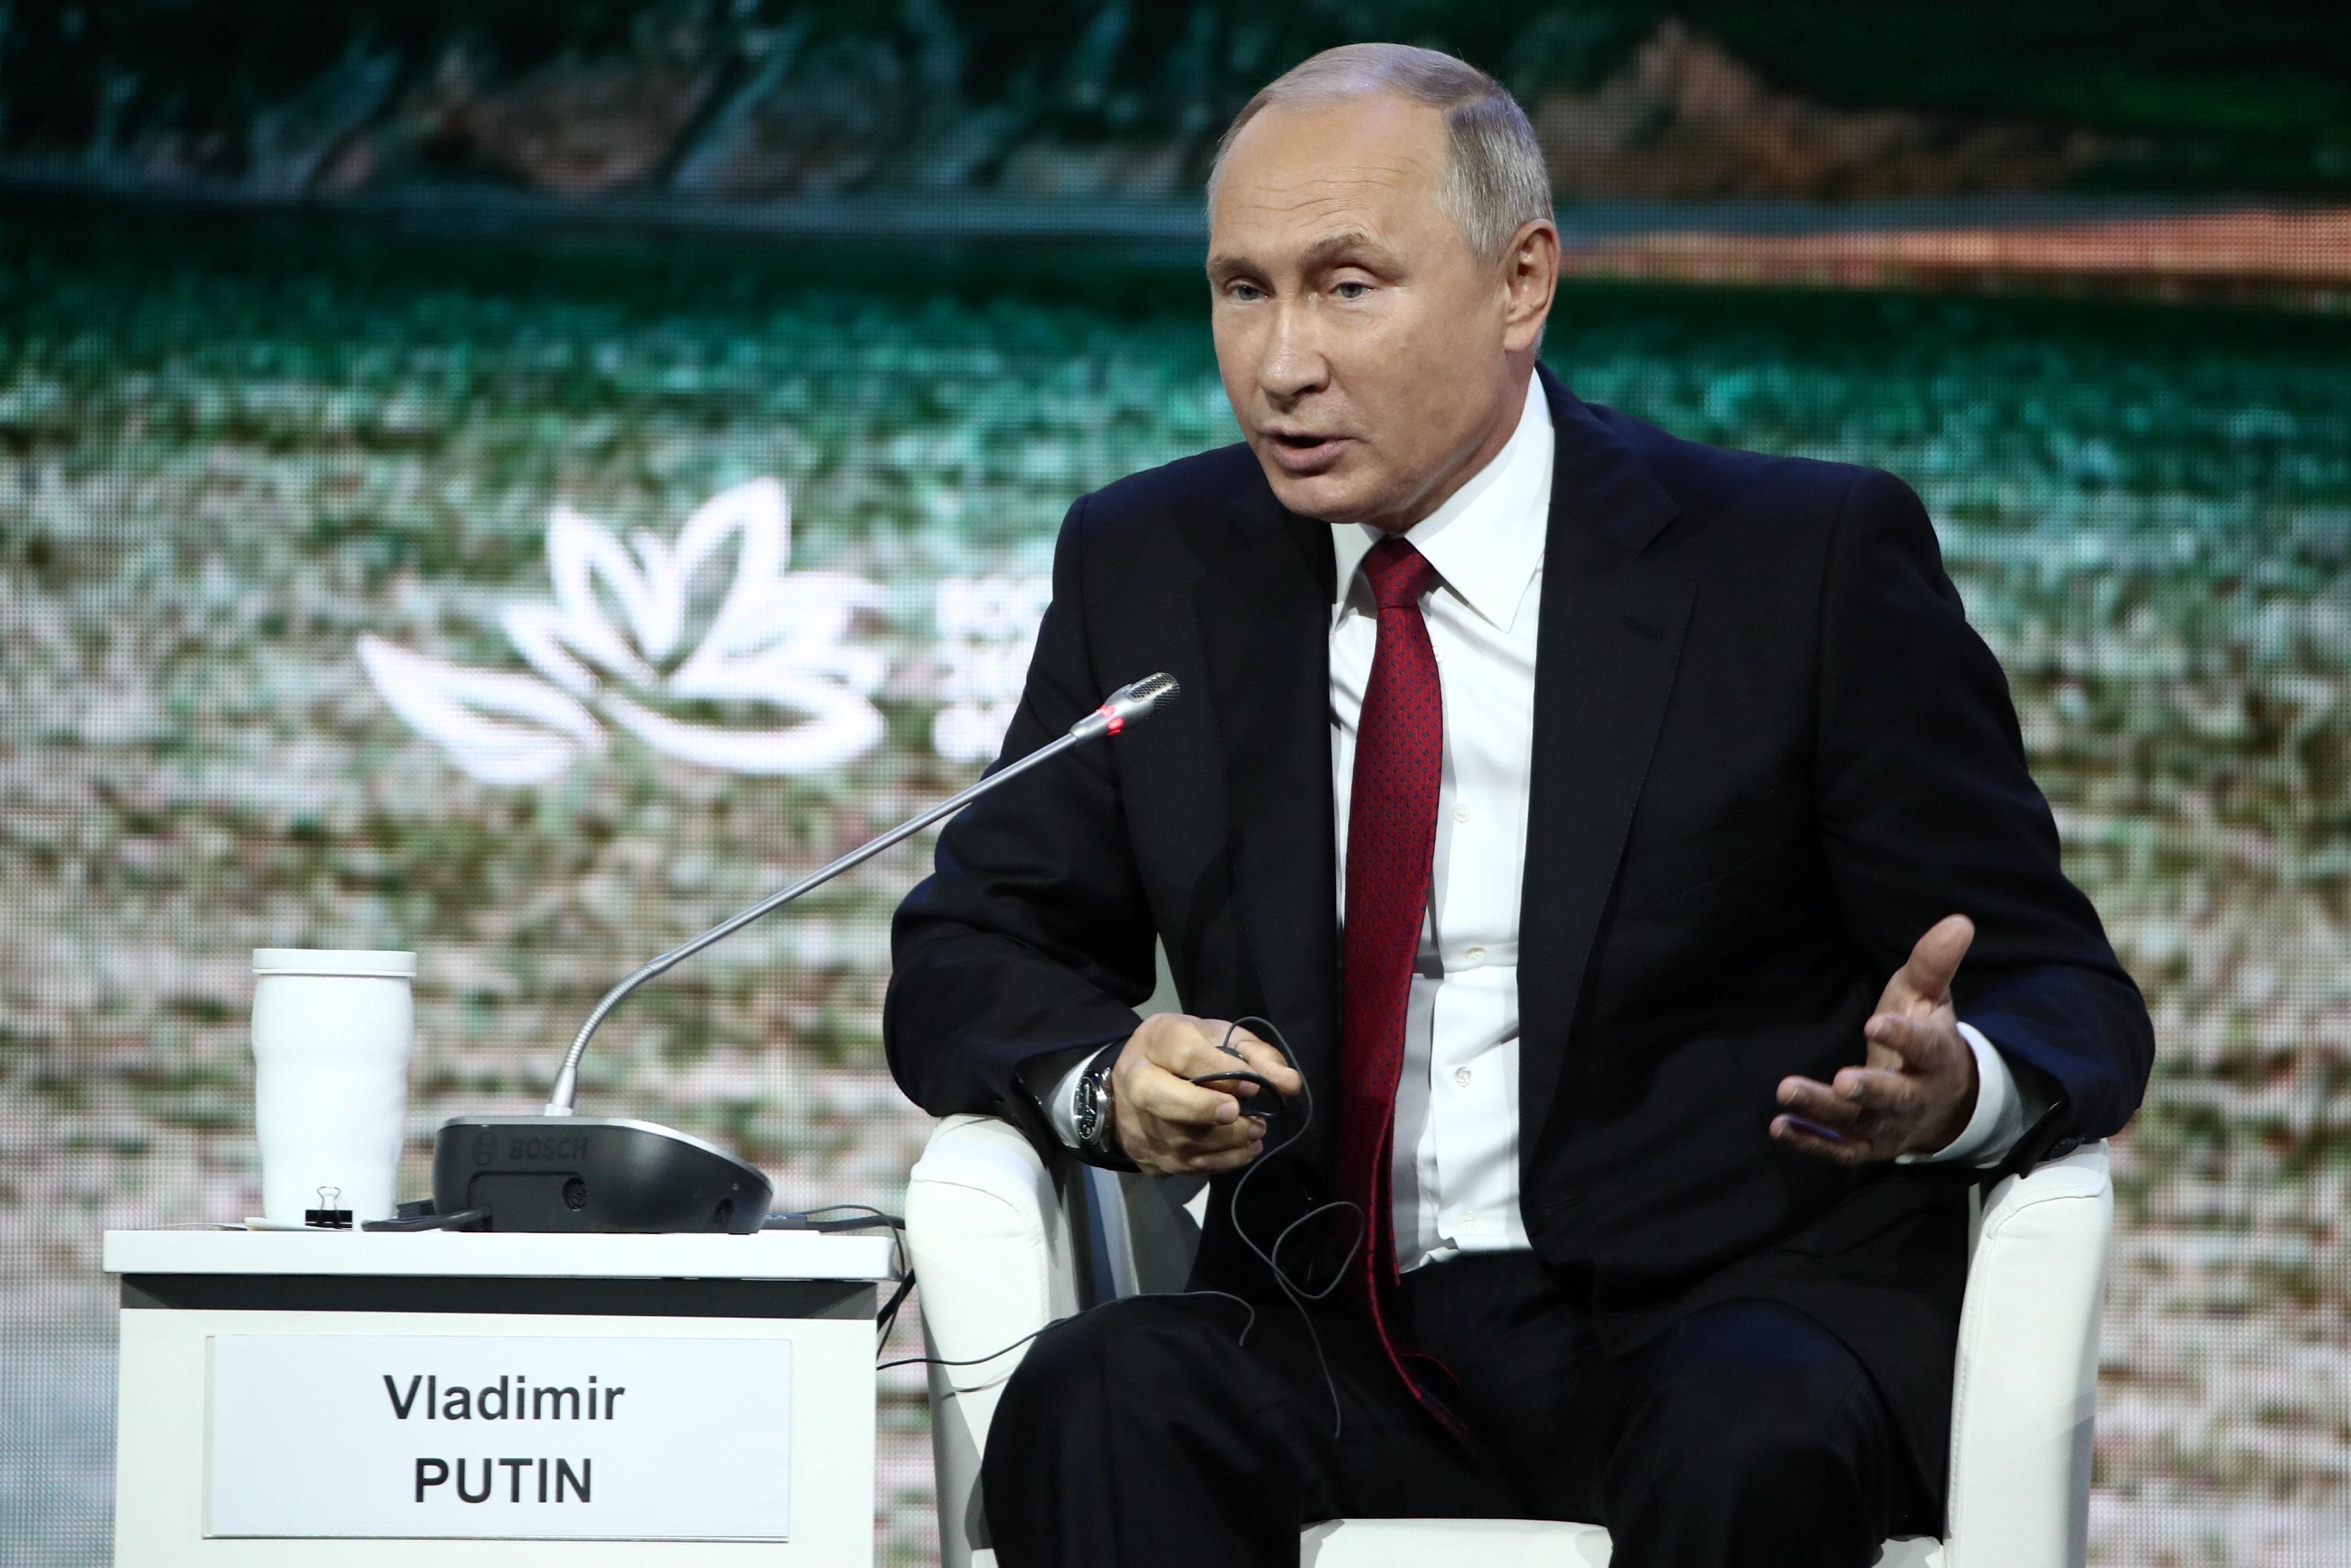 2 - الرئيس الروسي بوتين يحضر المنتدى الاقتصادي الشرقي في فلاديفوستوك